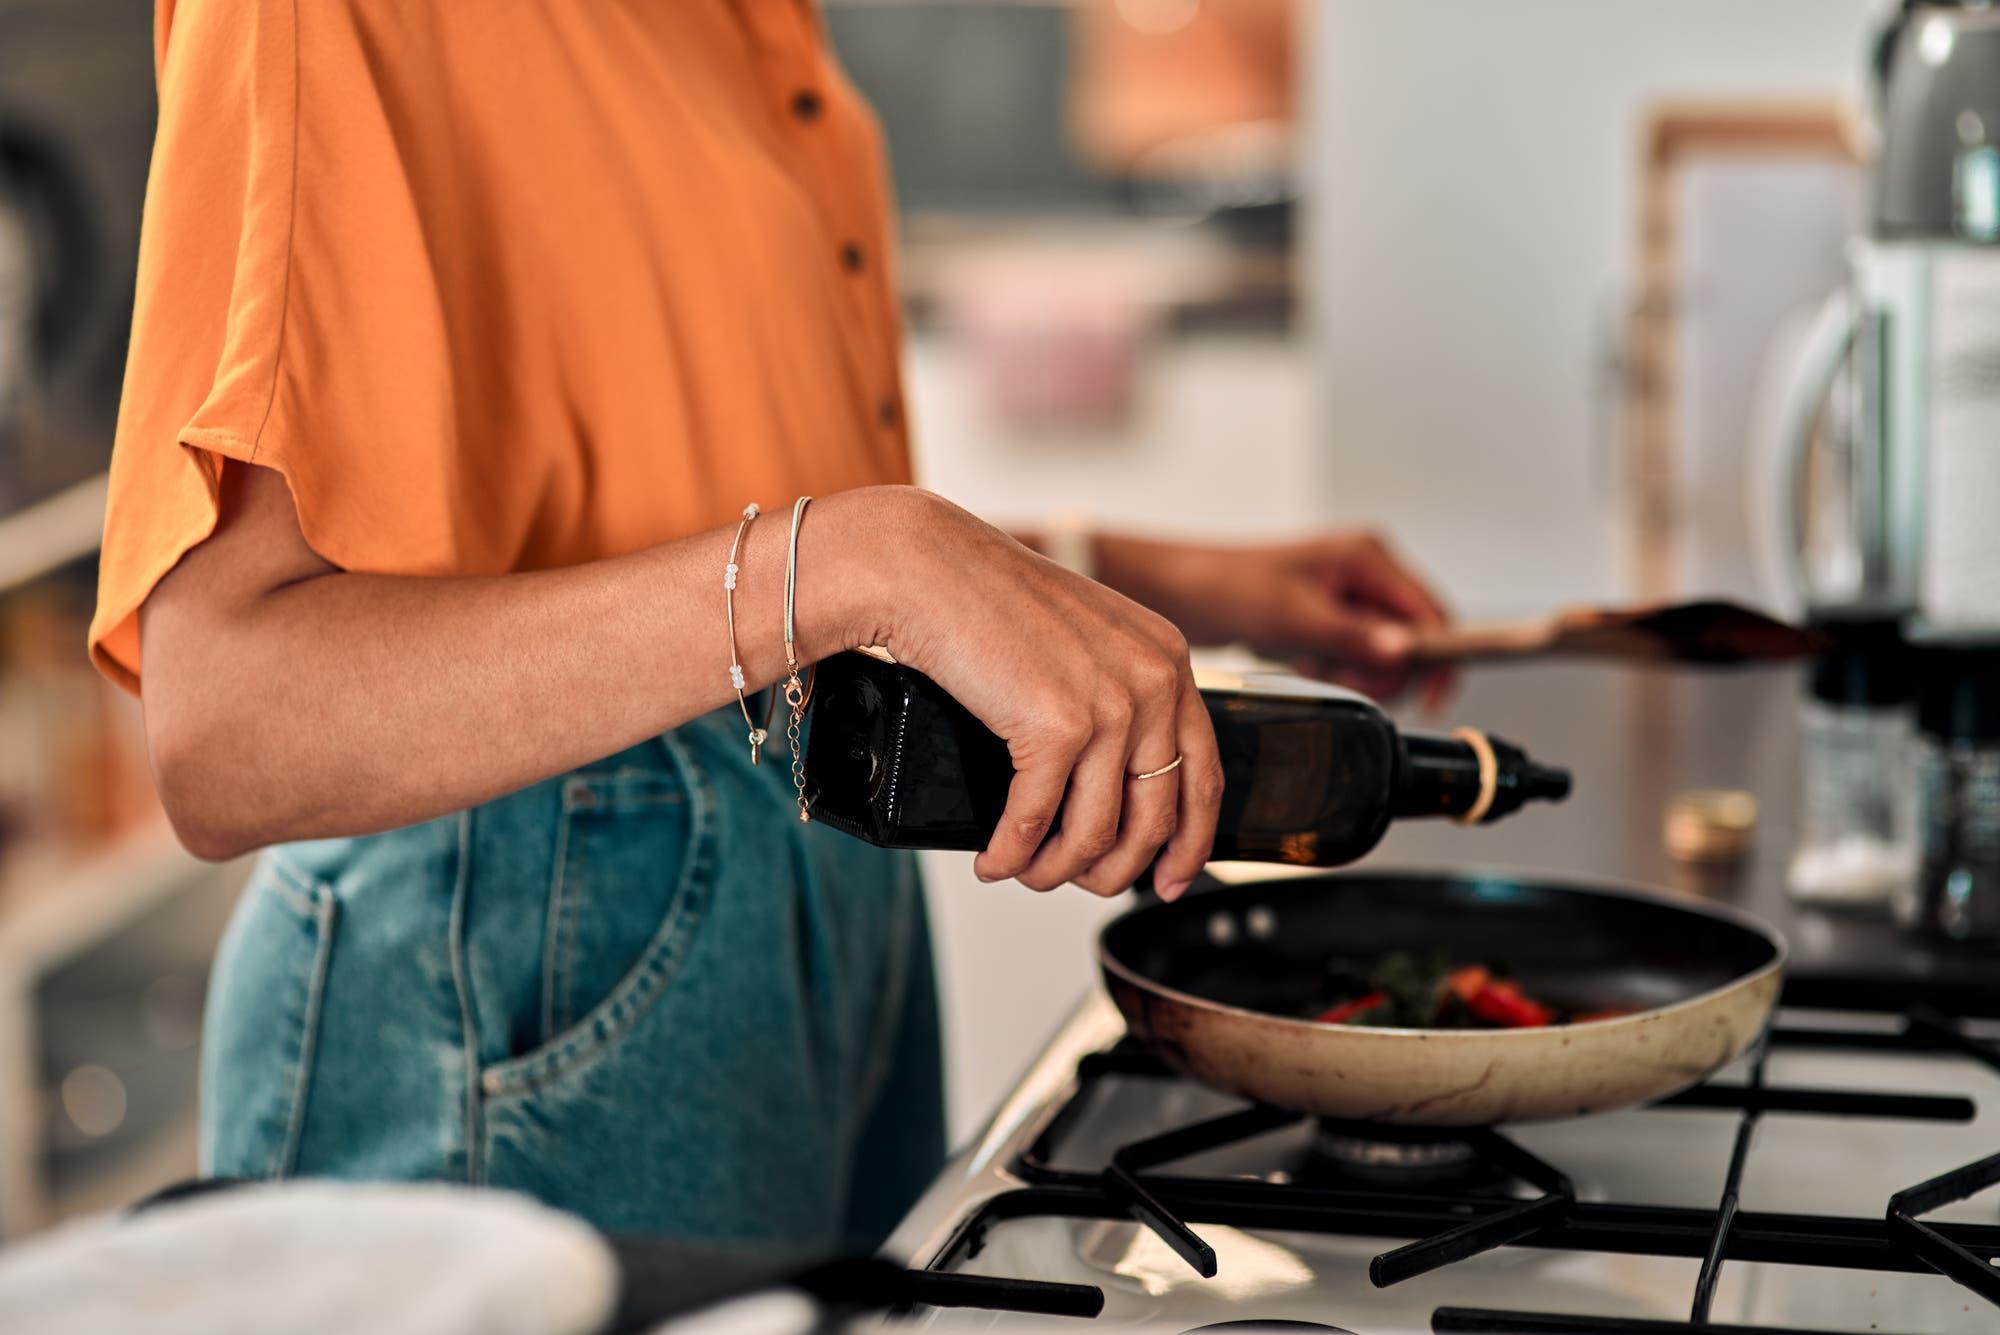 Ernährungswissenschaftler sind zuversichtlich, dass ein regelmäßiger Konsum von Rapsöl vergleichsweise gesund ist.